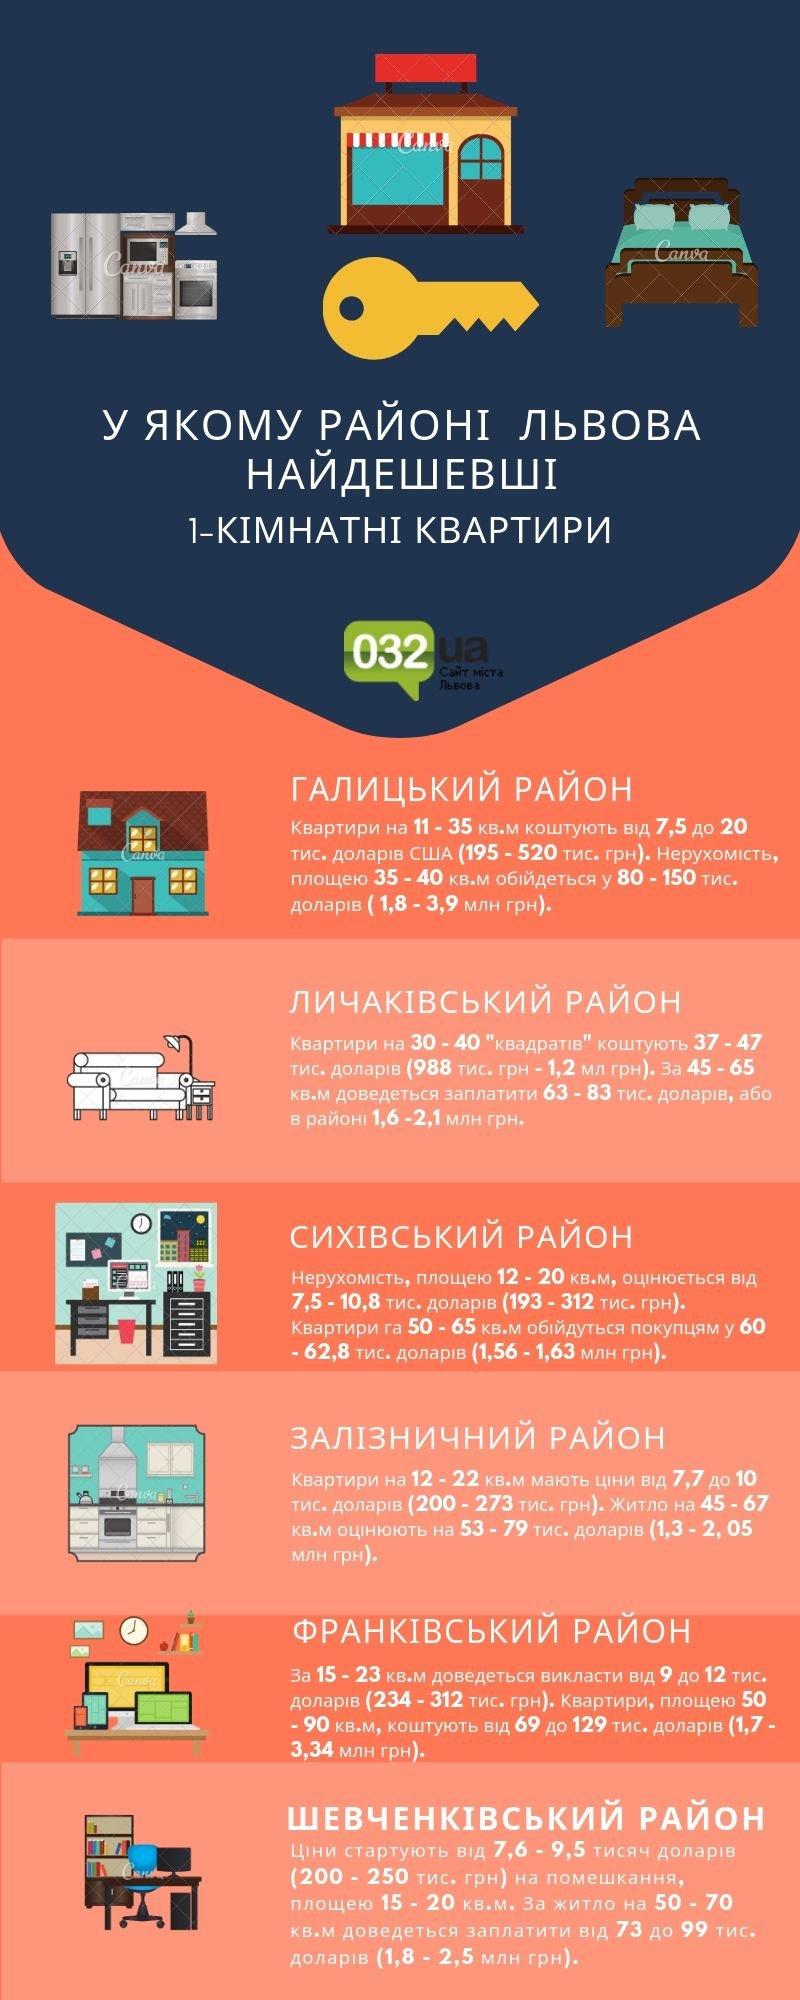 Купити квартиру у Львові: у якому районі міста найдешевше житло, - ІНФОГРАФІКА, фото-5